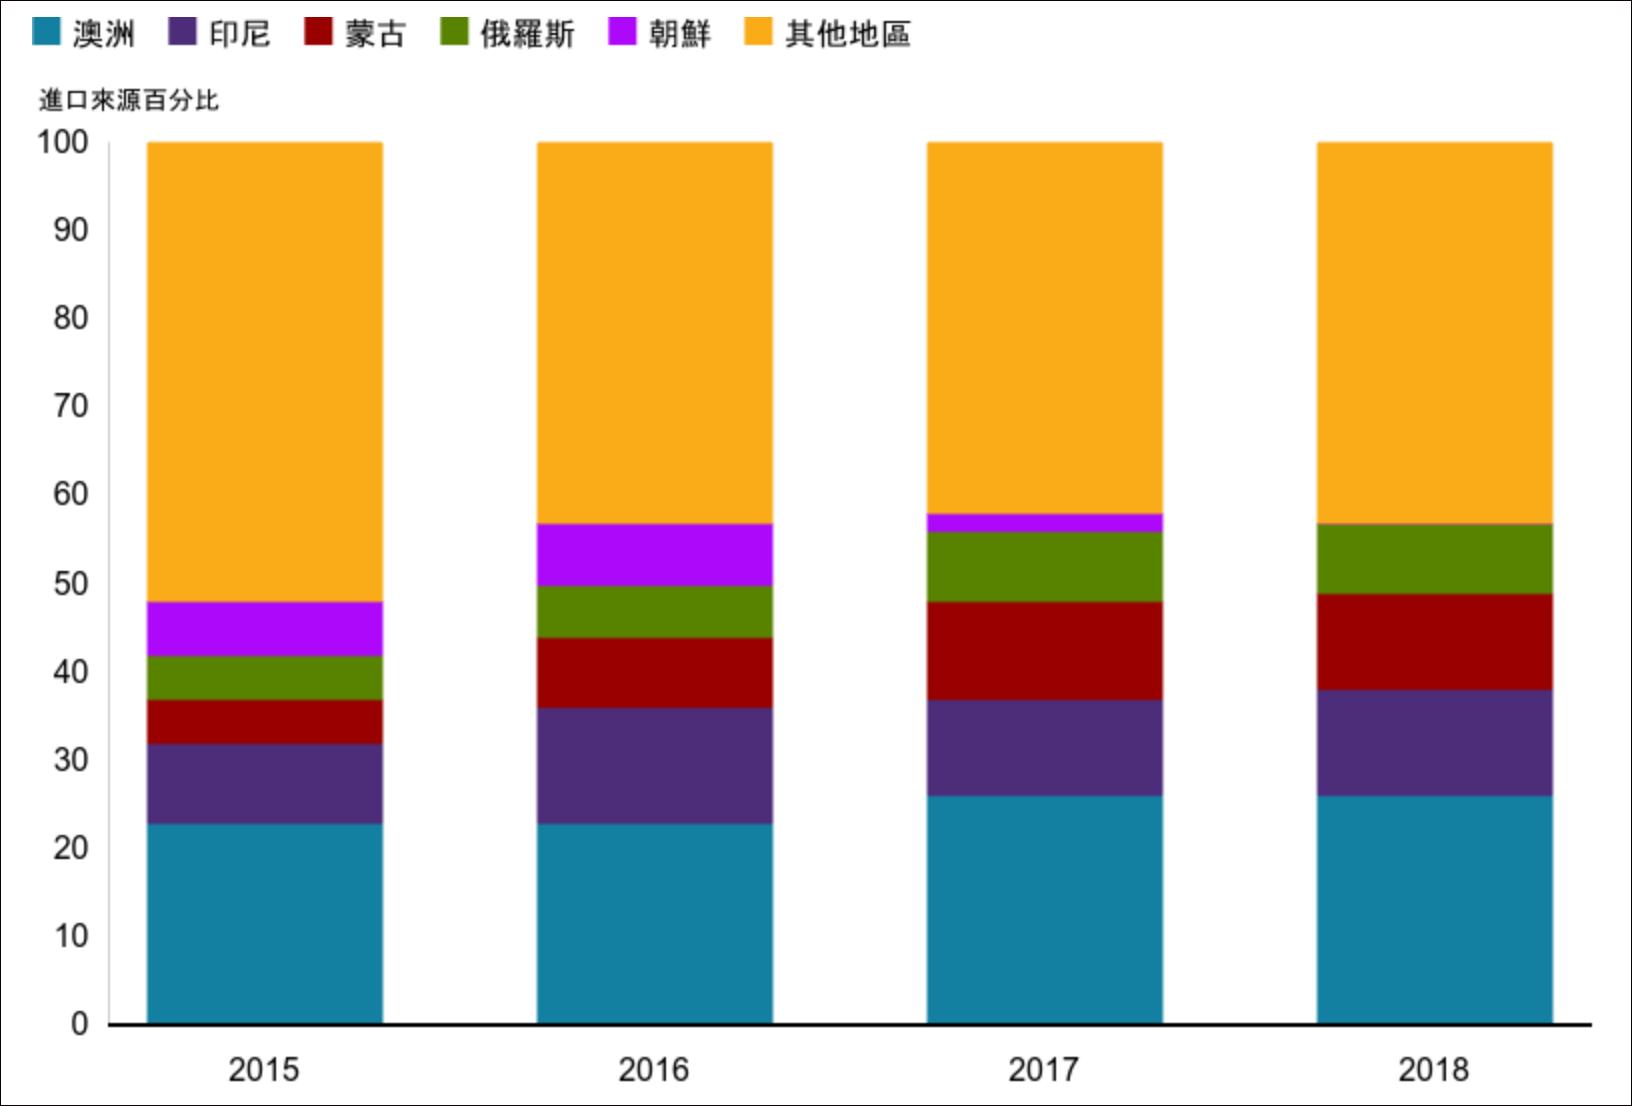 多数美企对中国市场持乐观态度